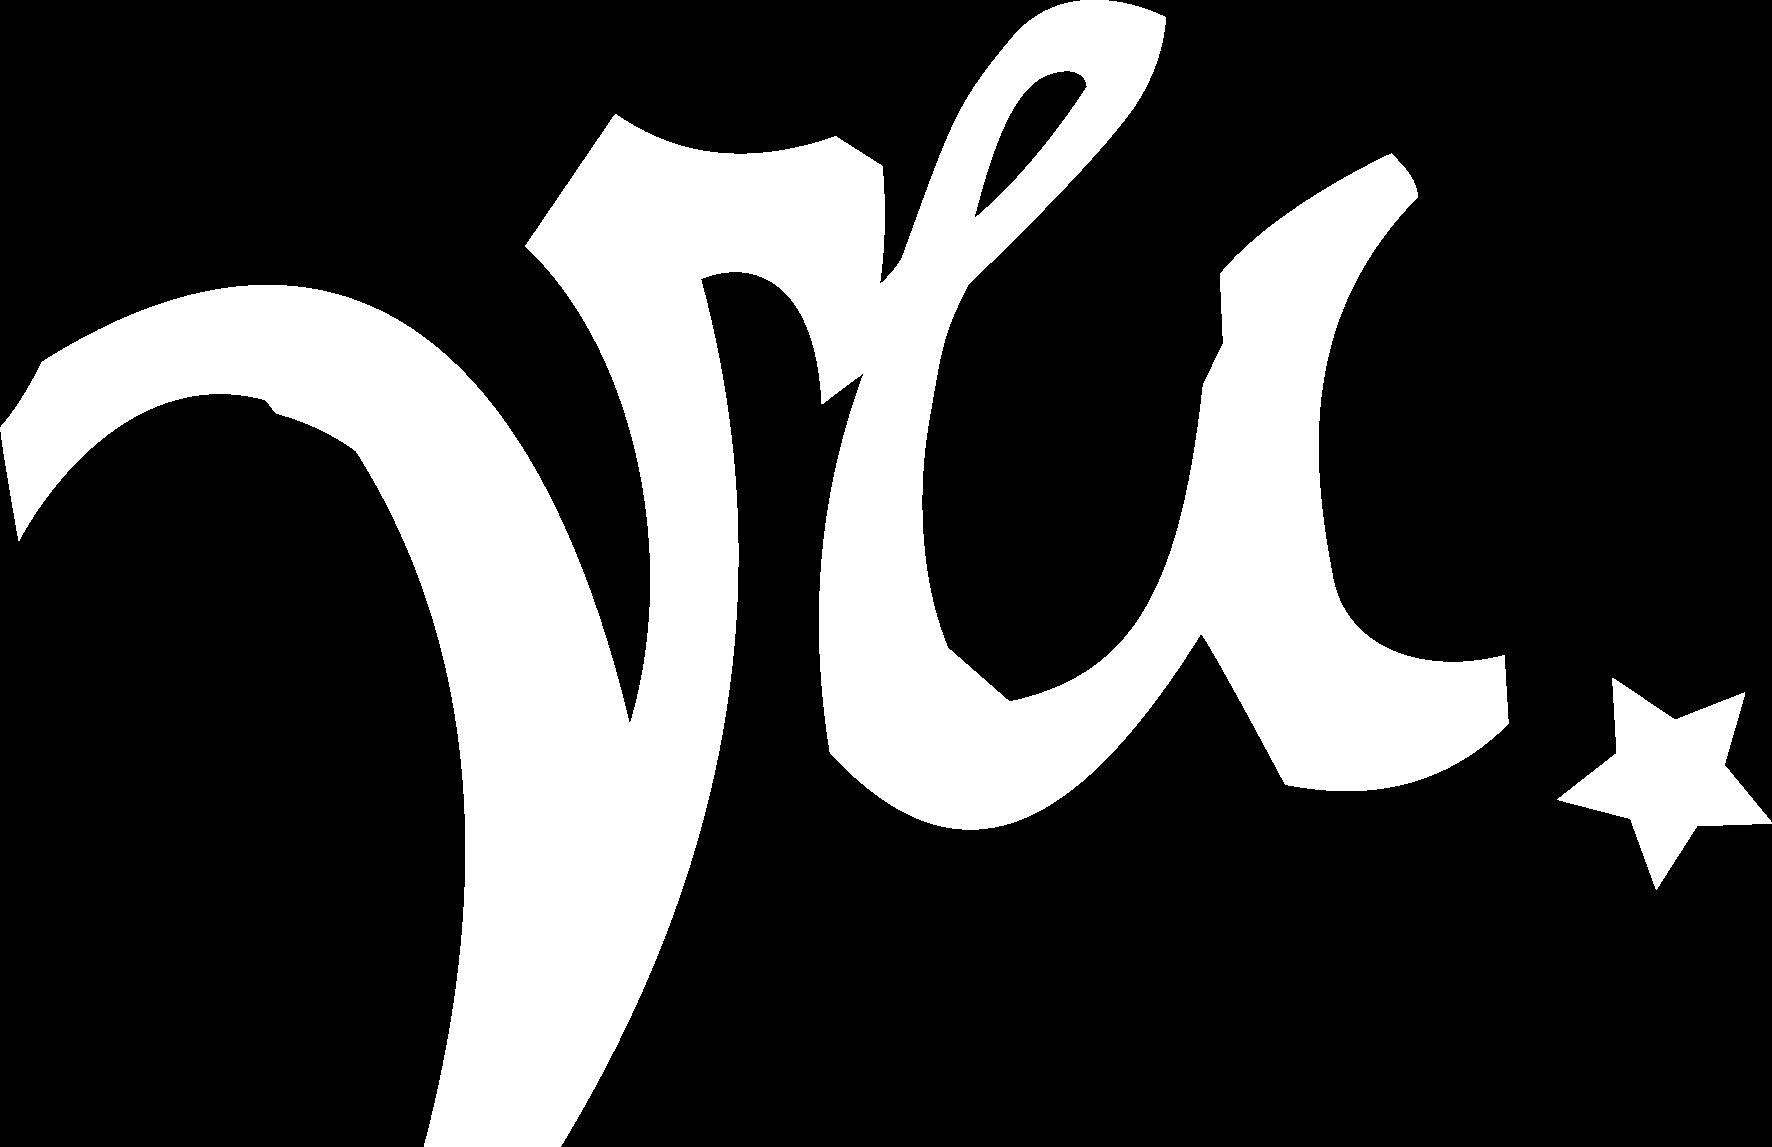 Vinstra Ungdomsklubb